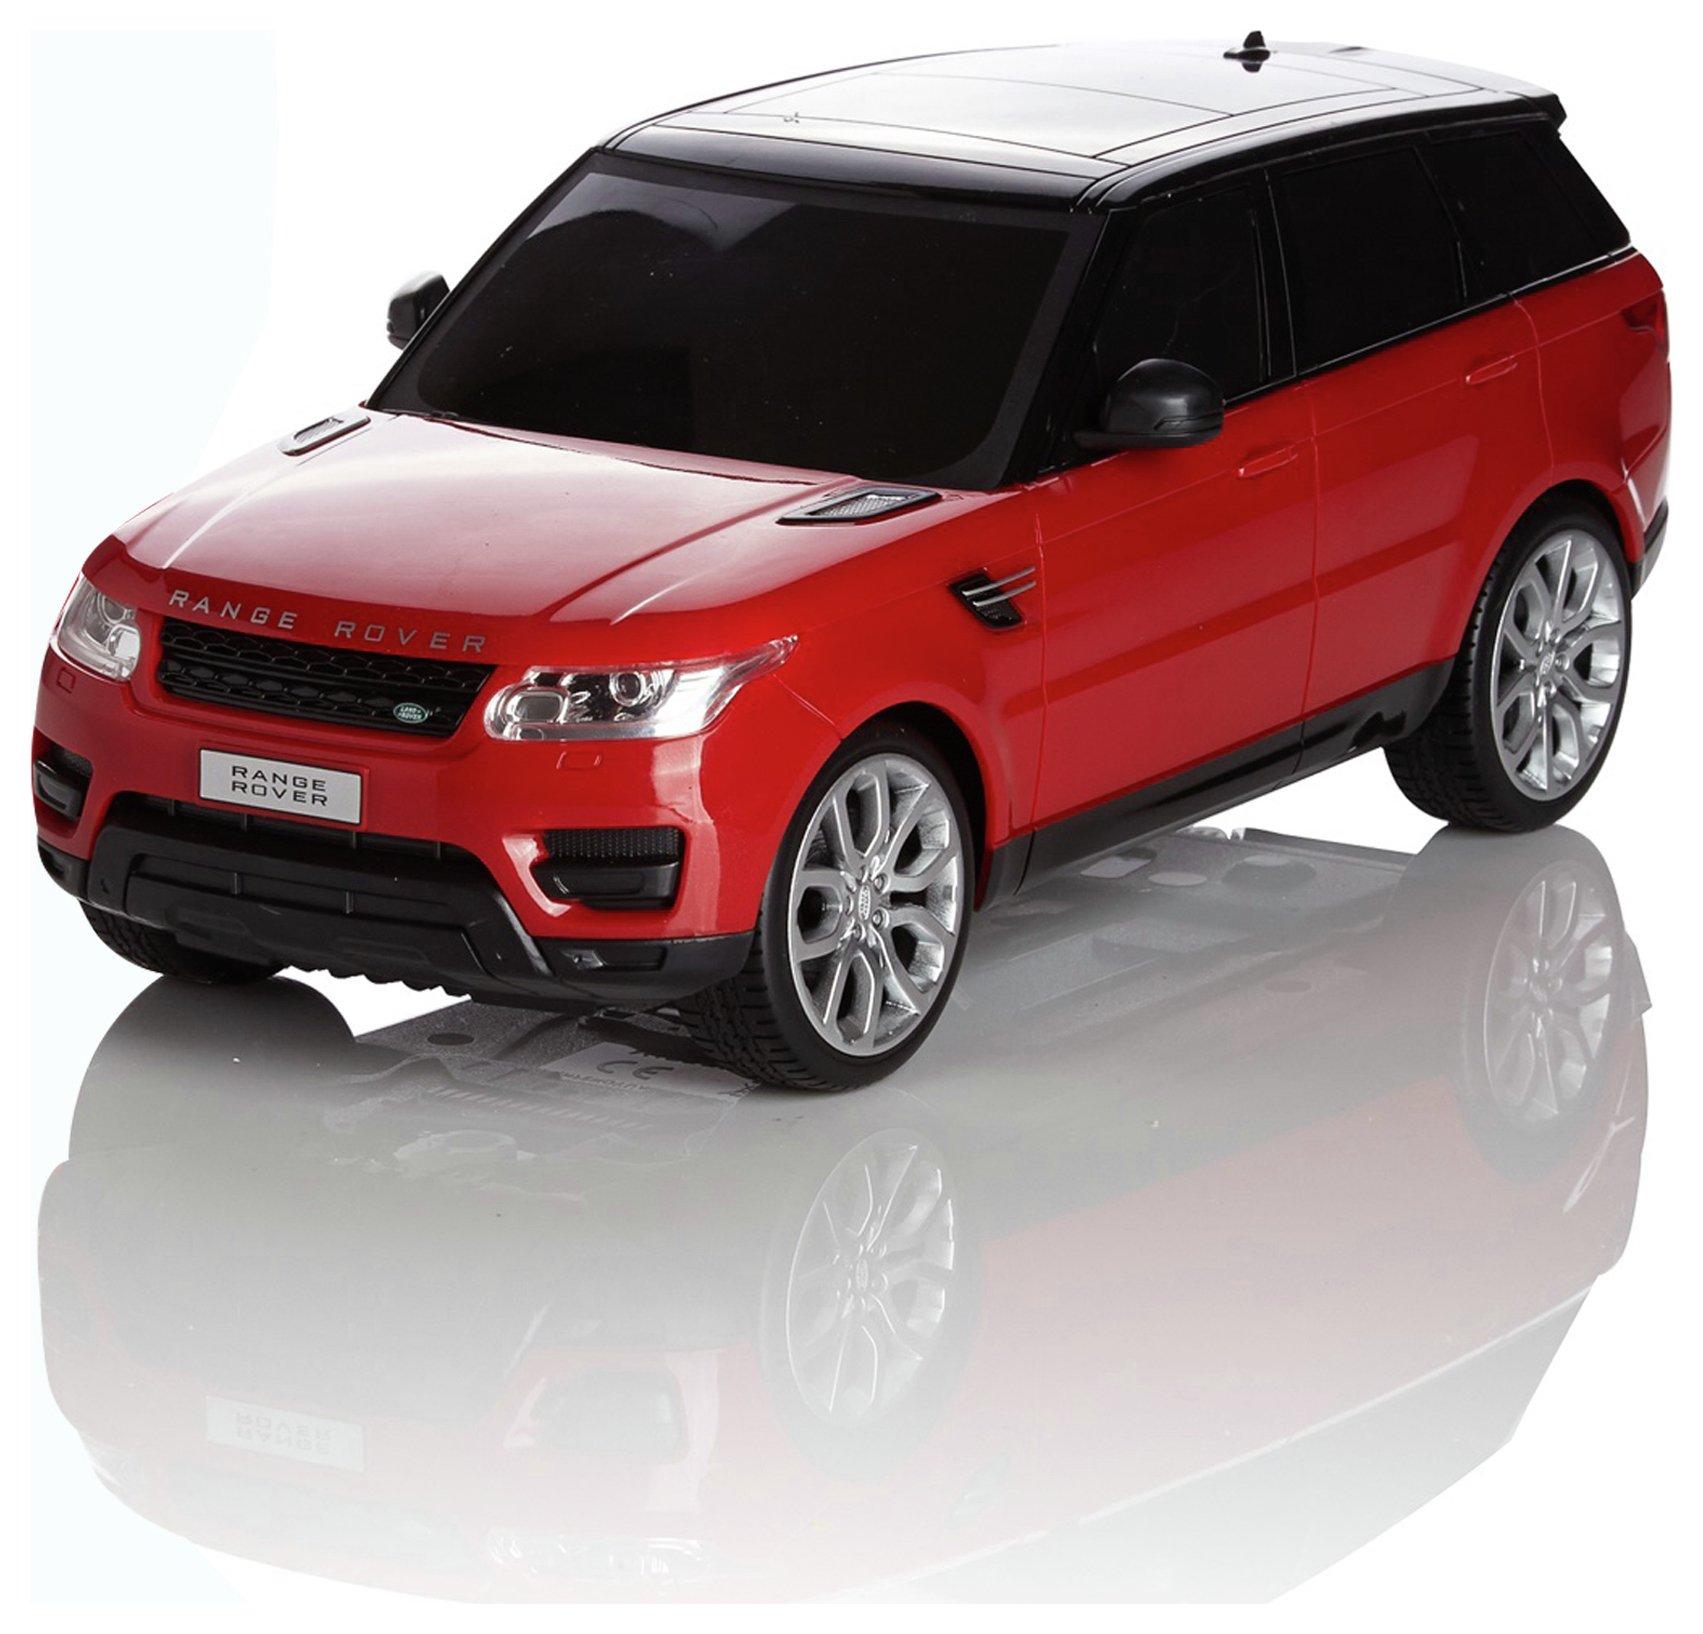 range rover sport 114 remote control car red. Black Bedroom Furniture Sets. Home Design Ideas